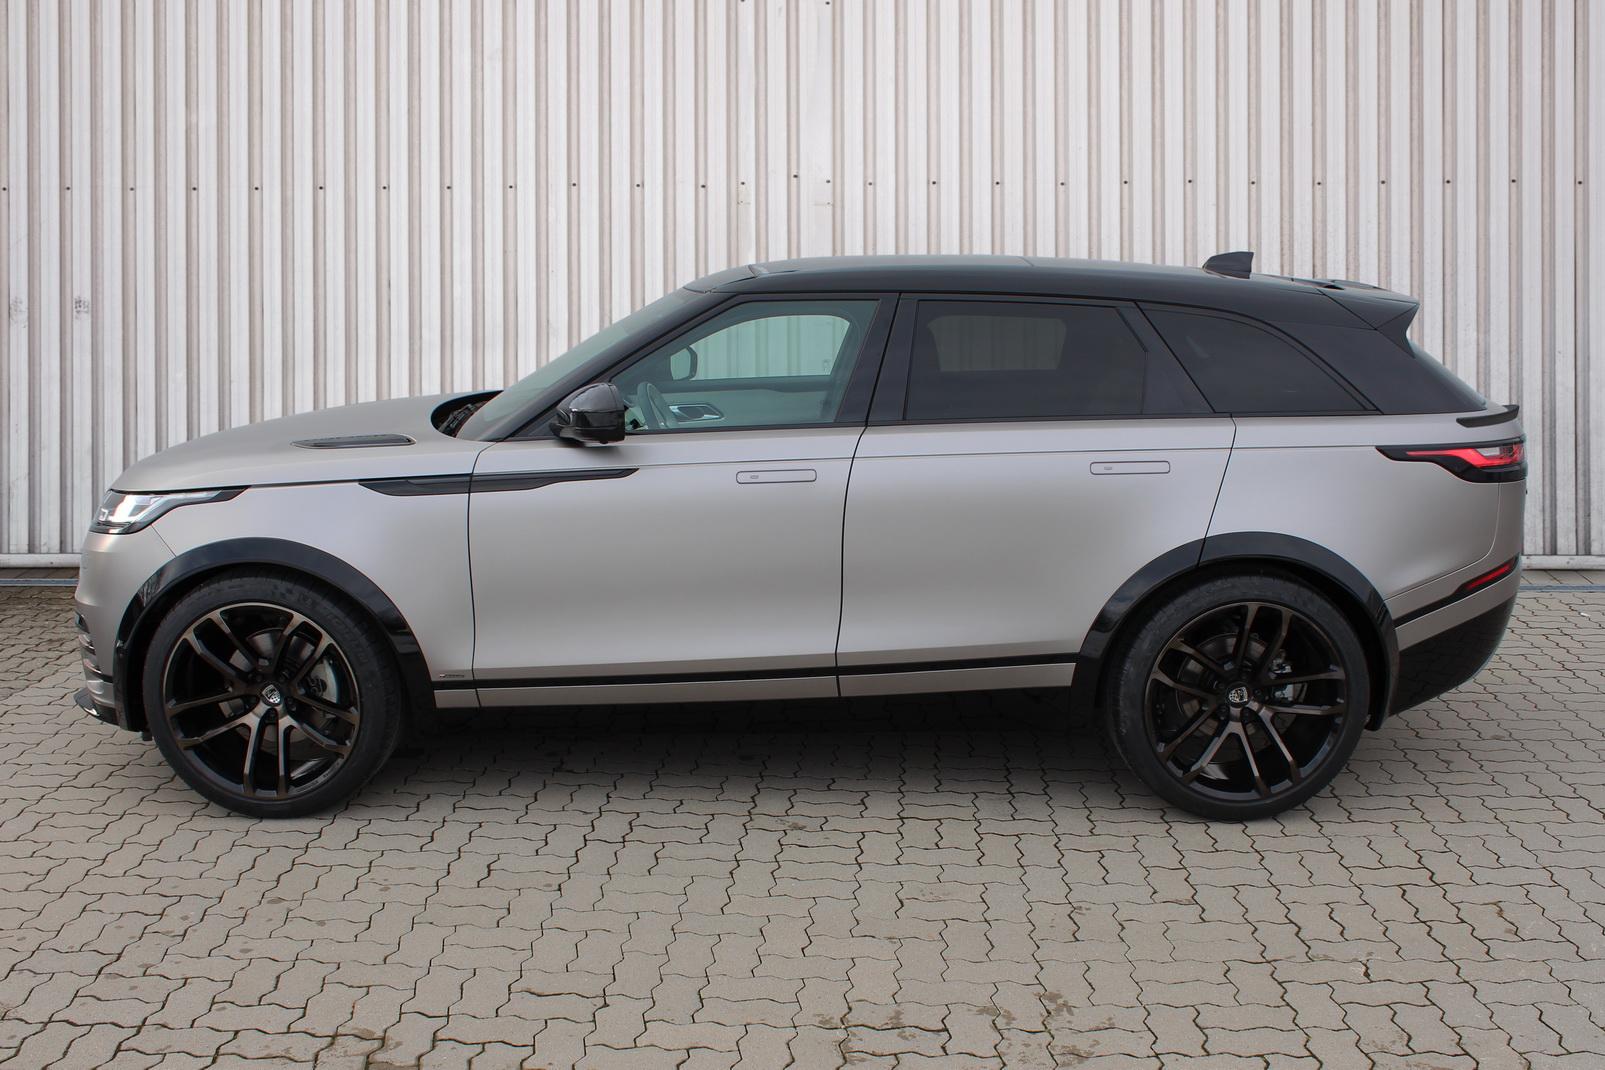 Range-Rover_Velar_Lumma_Design_0004